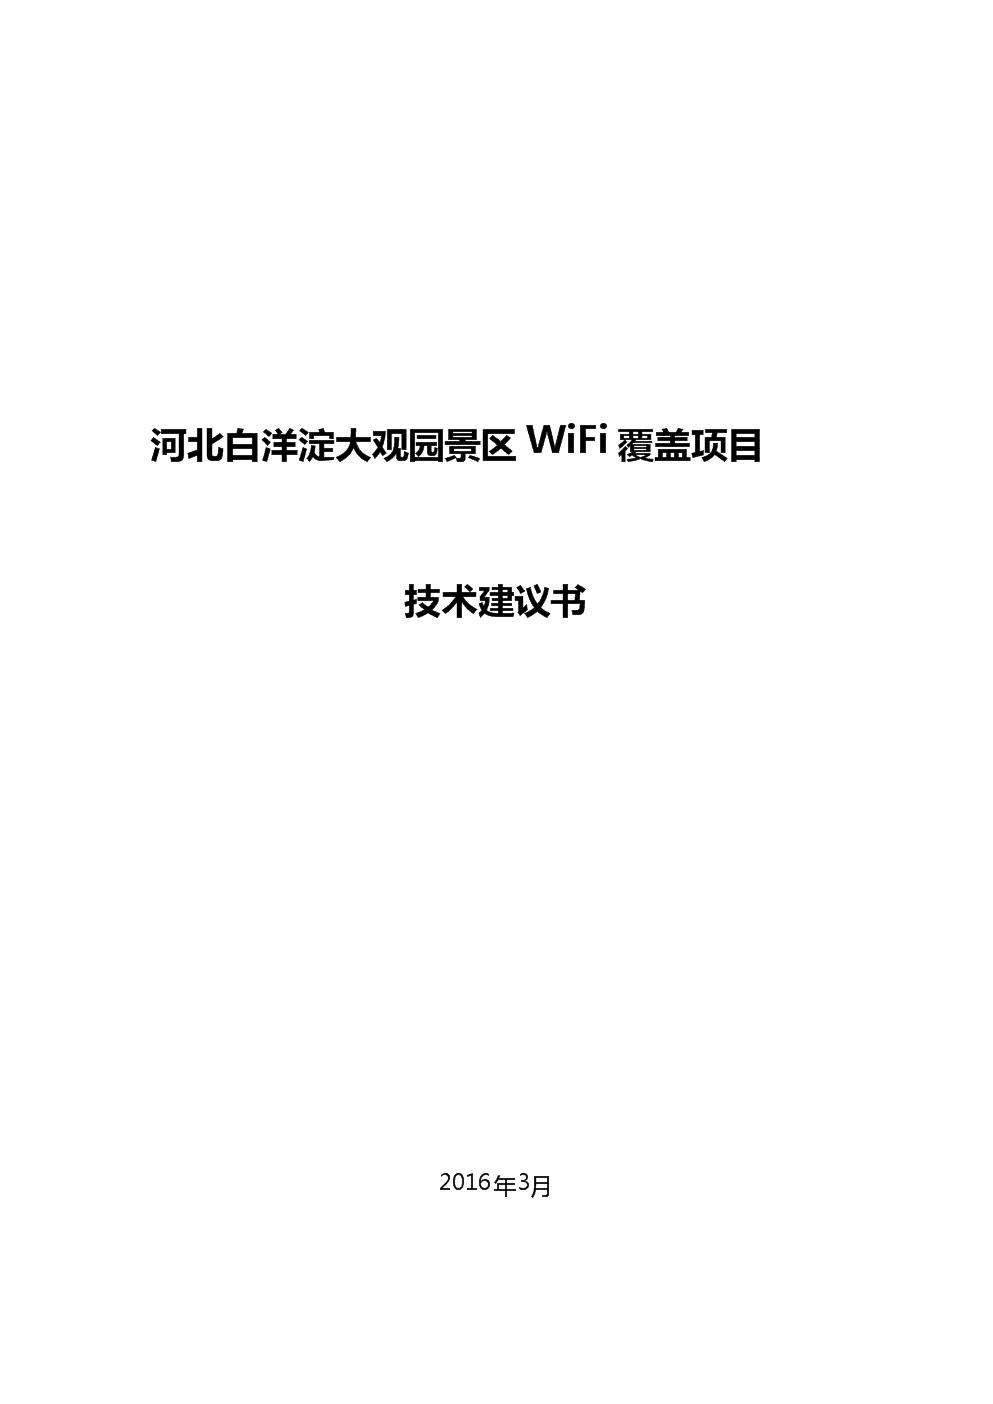 河北保定白洋淀大观园景区WiFi覆盖项目技术方案.docx